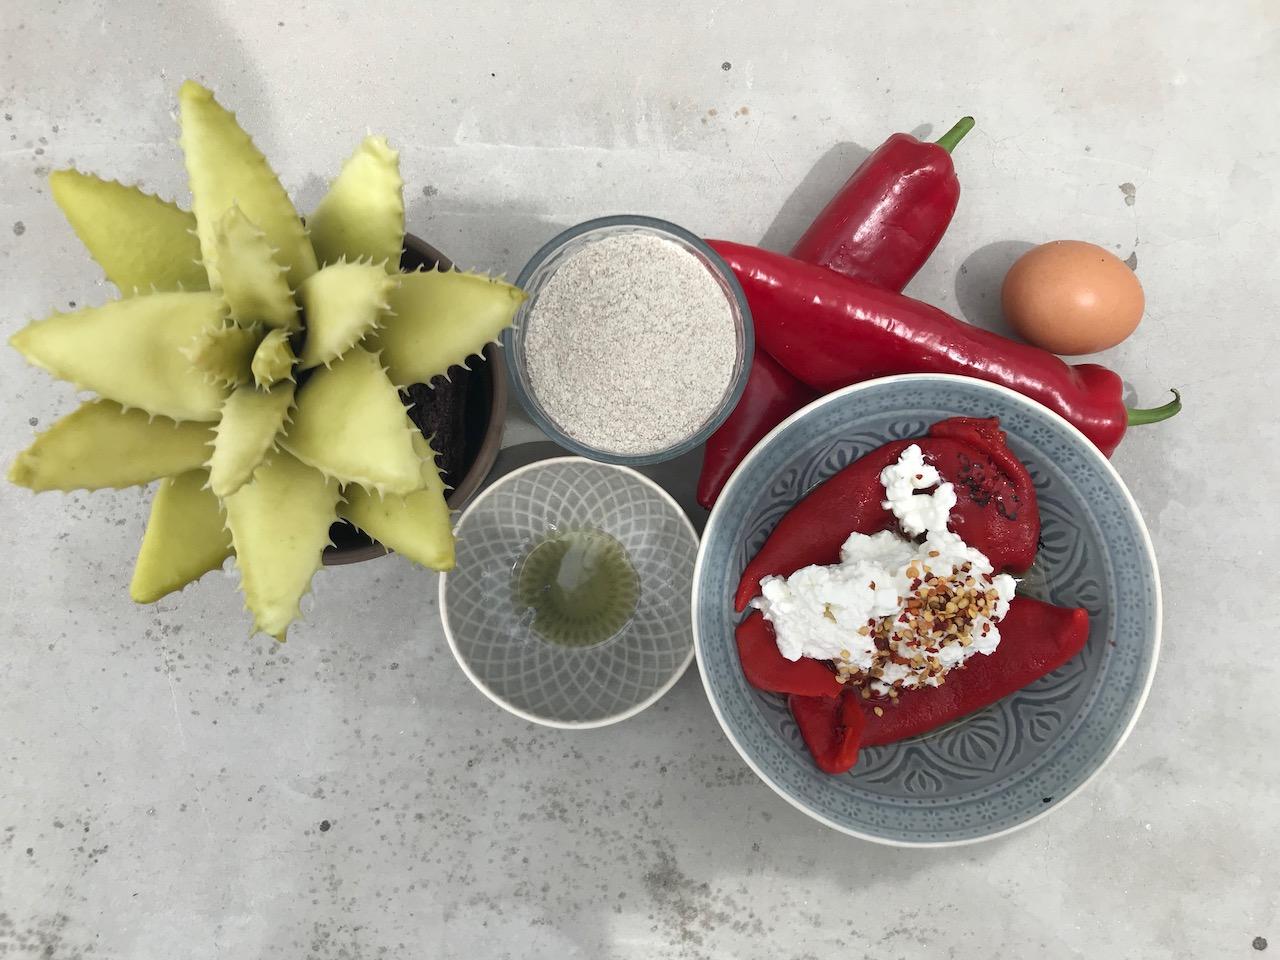 υλικά για πιτάκια πιπεριας